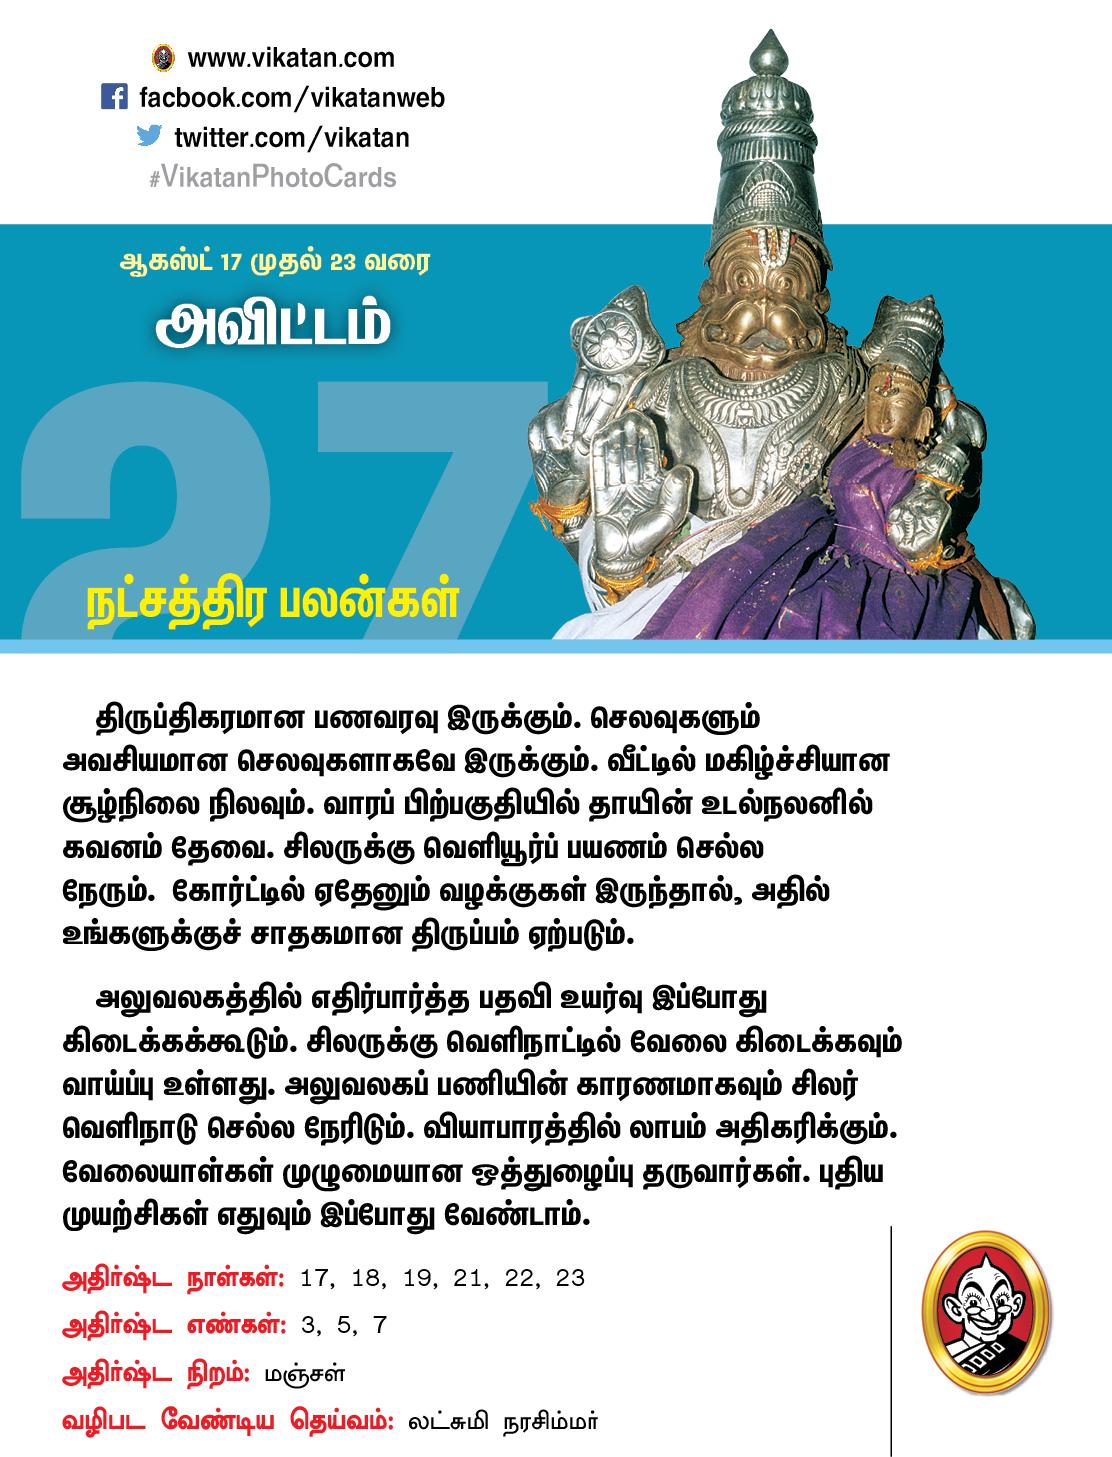 நட்சத்திர பலன்கள் : ஆகஸ்ட் 17 முதல் 23 வரை #VikatanPhotoCards